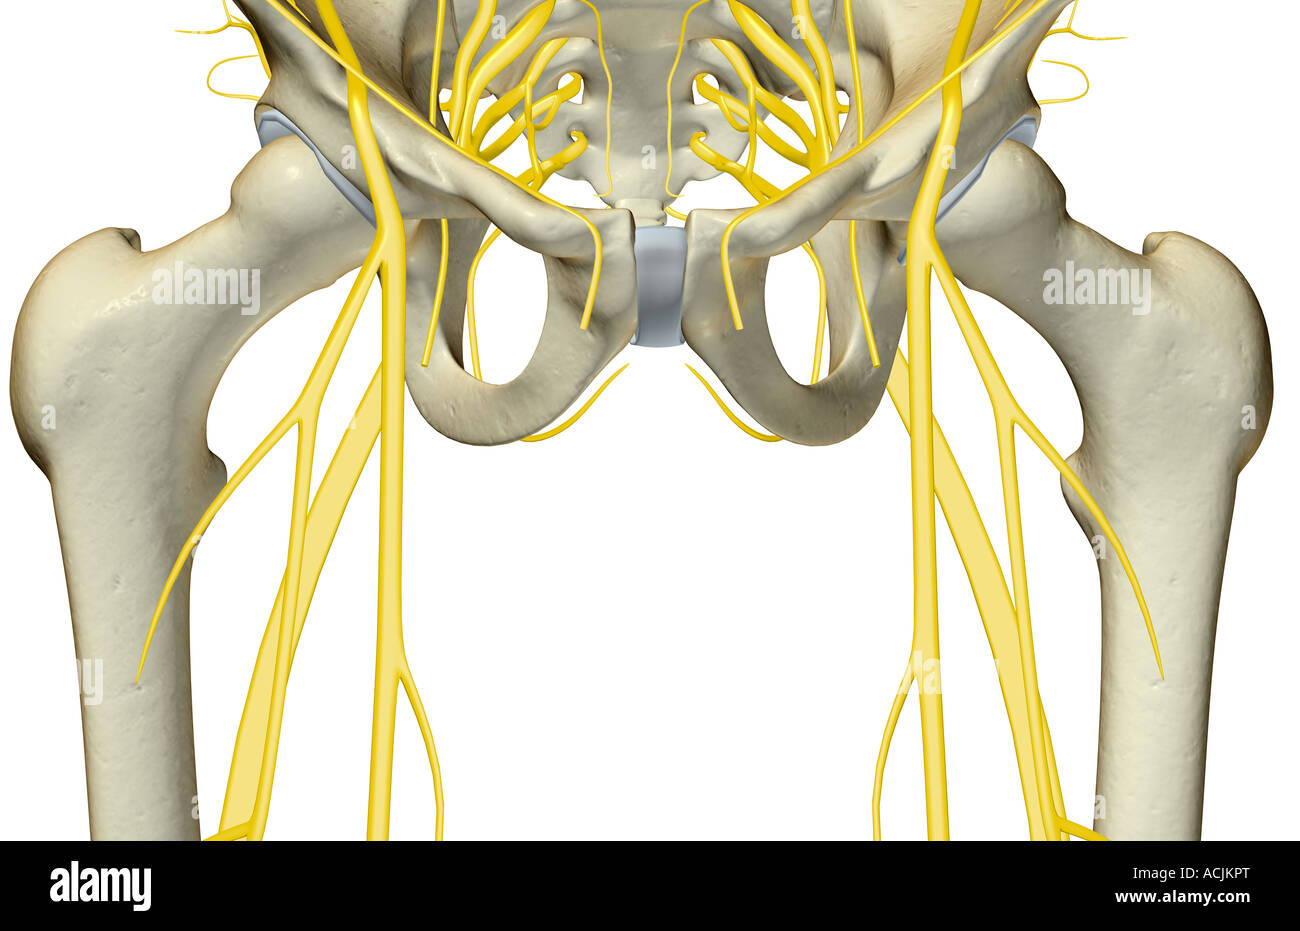 Die Nerven des Beckens Stockfoto, Bild: 13171583 - Alamy